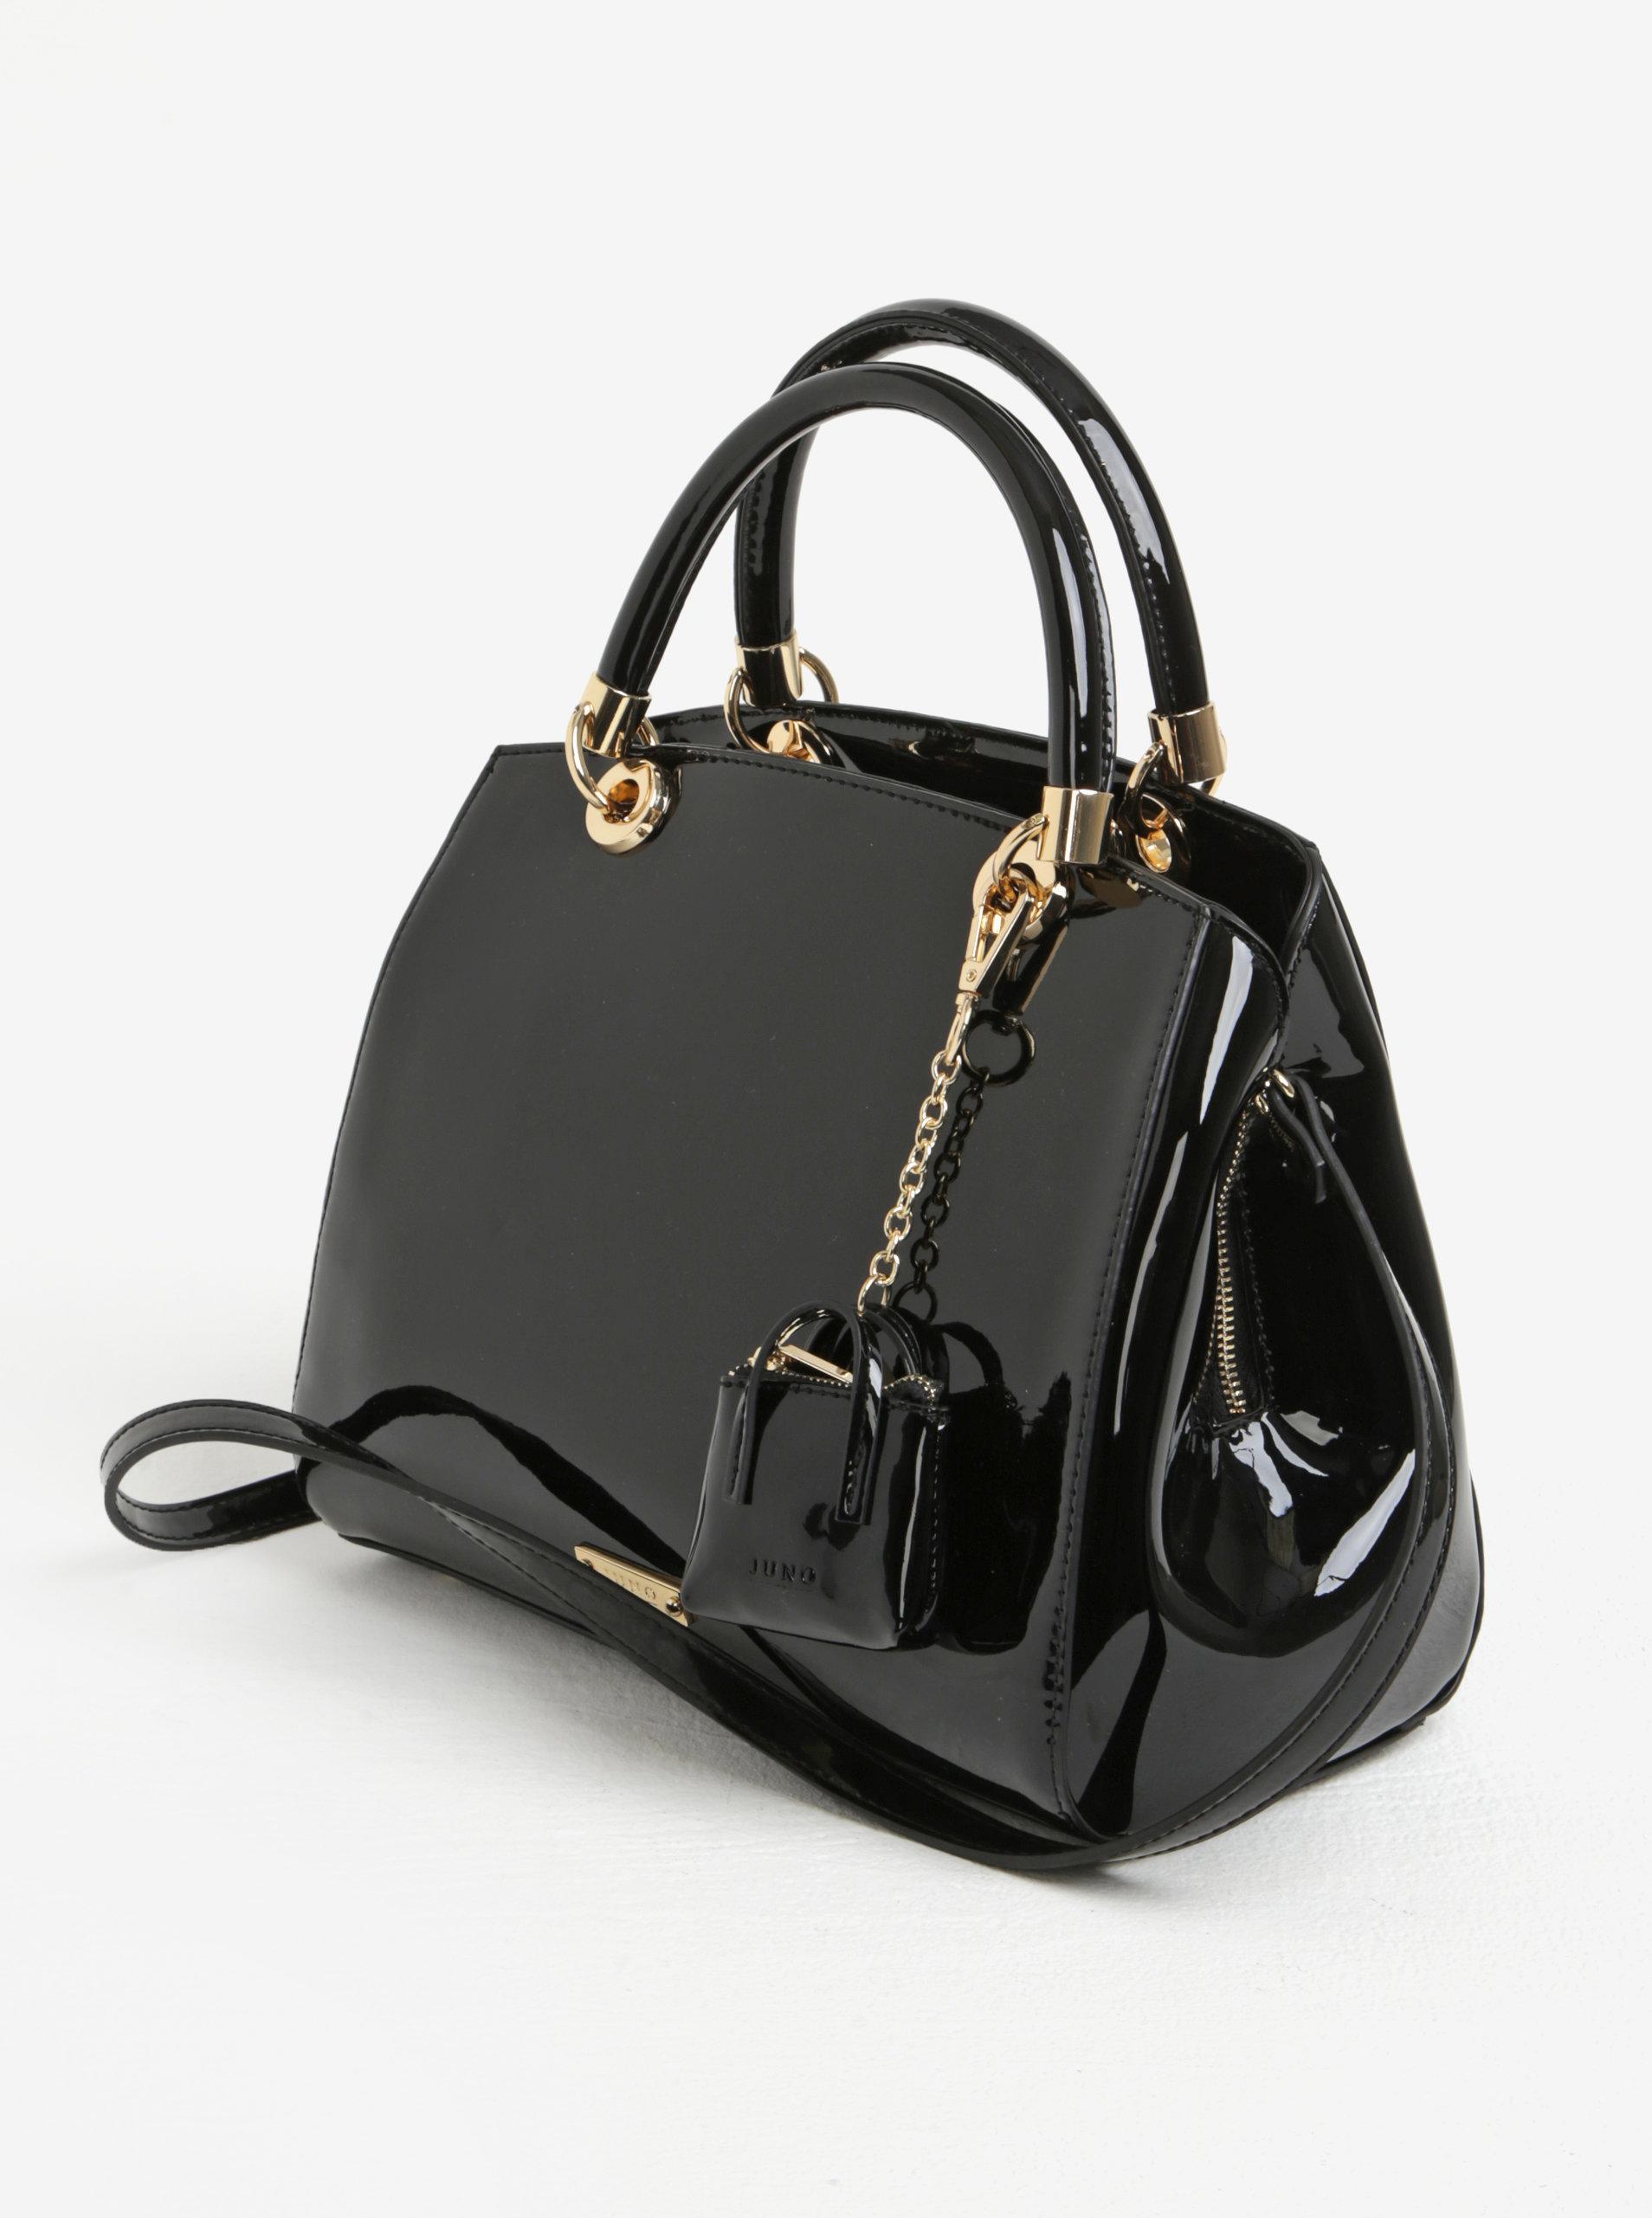 Čierna lesklá kabelka do ruky s príveskom Juno ... d61eff800e0